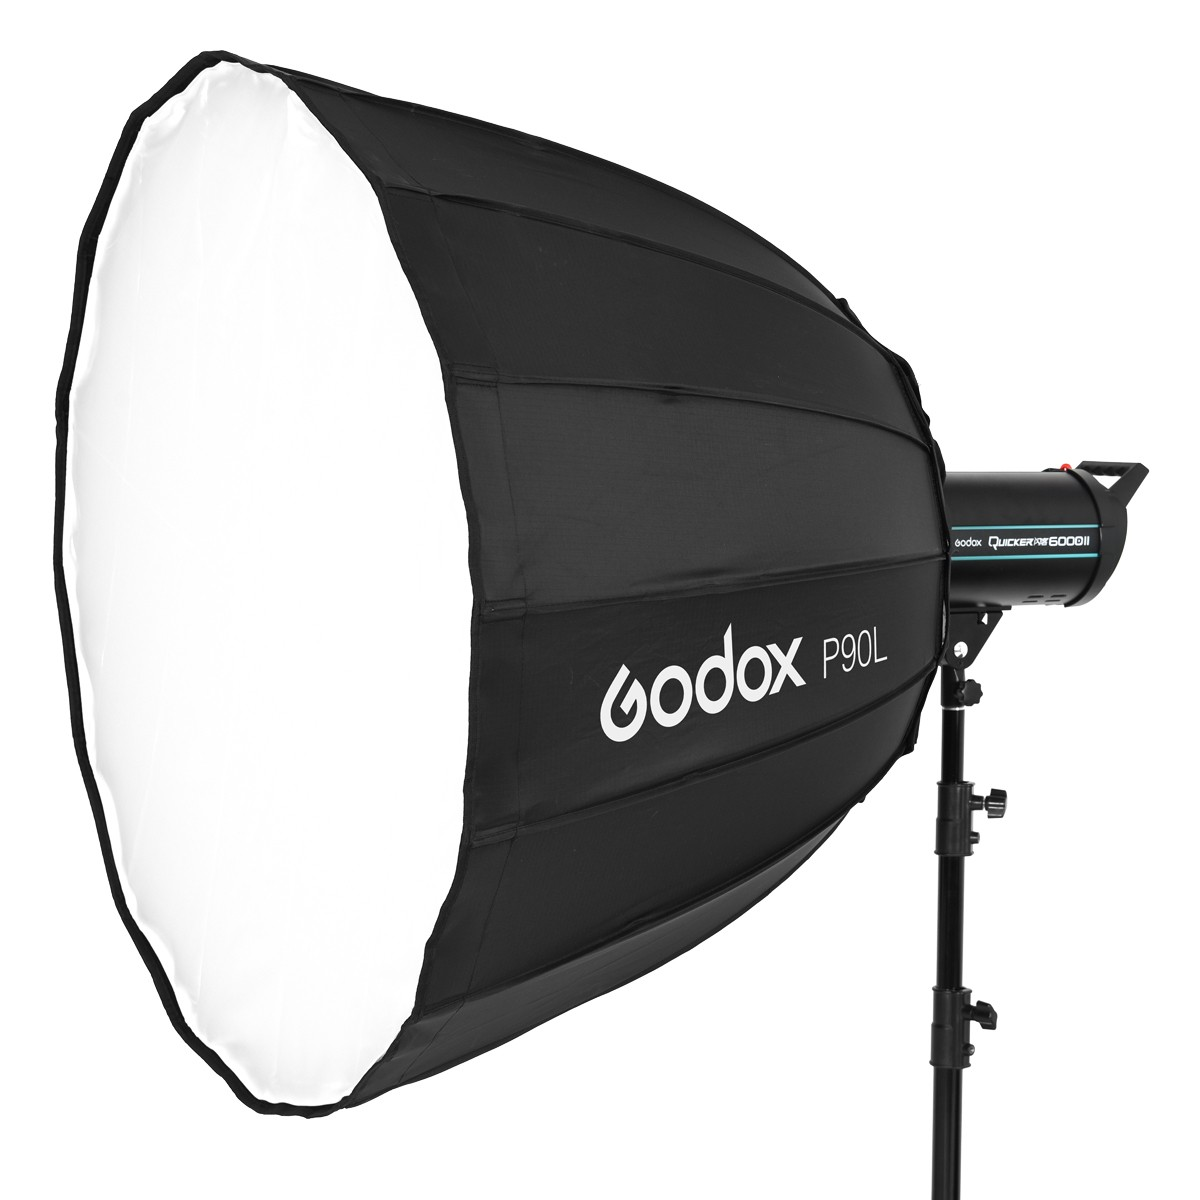 Godox P90L Parabol Softbox 90 cm